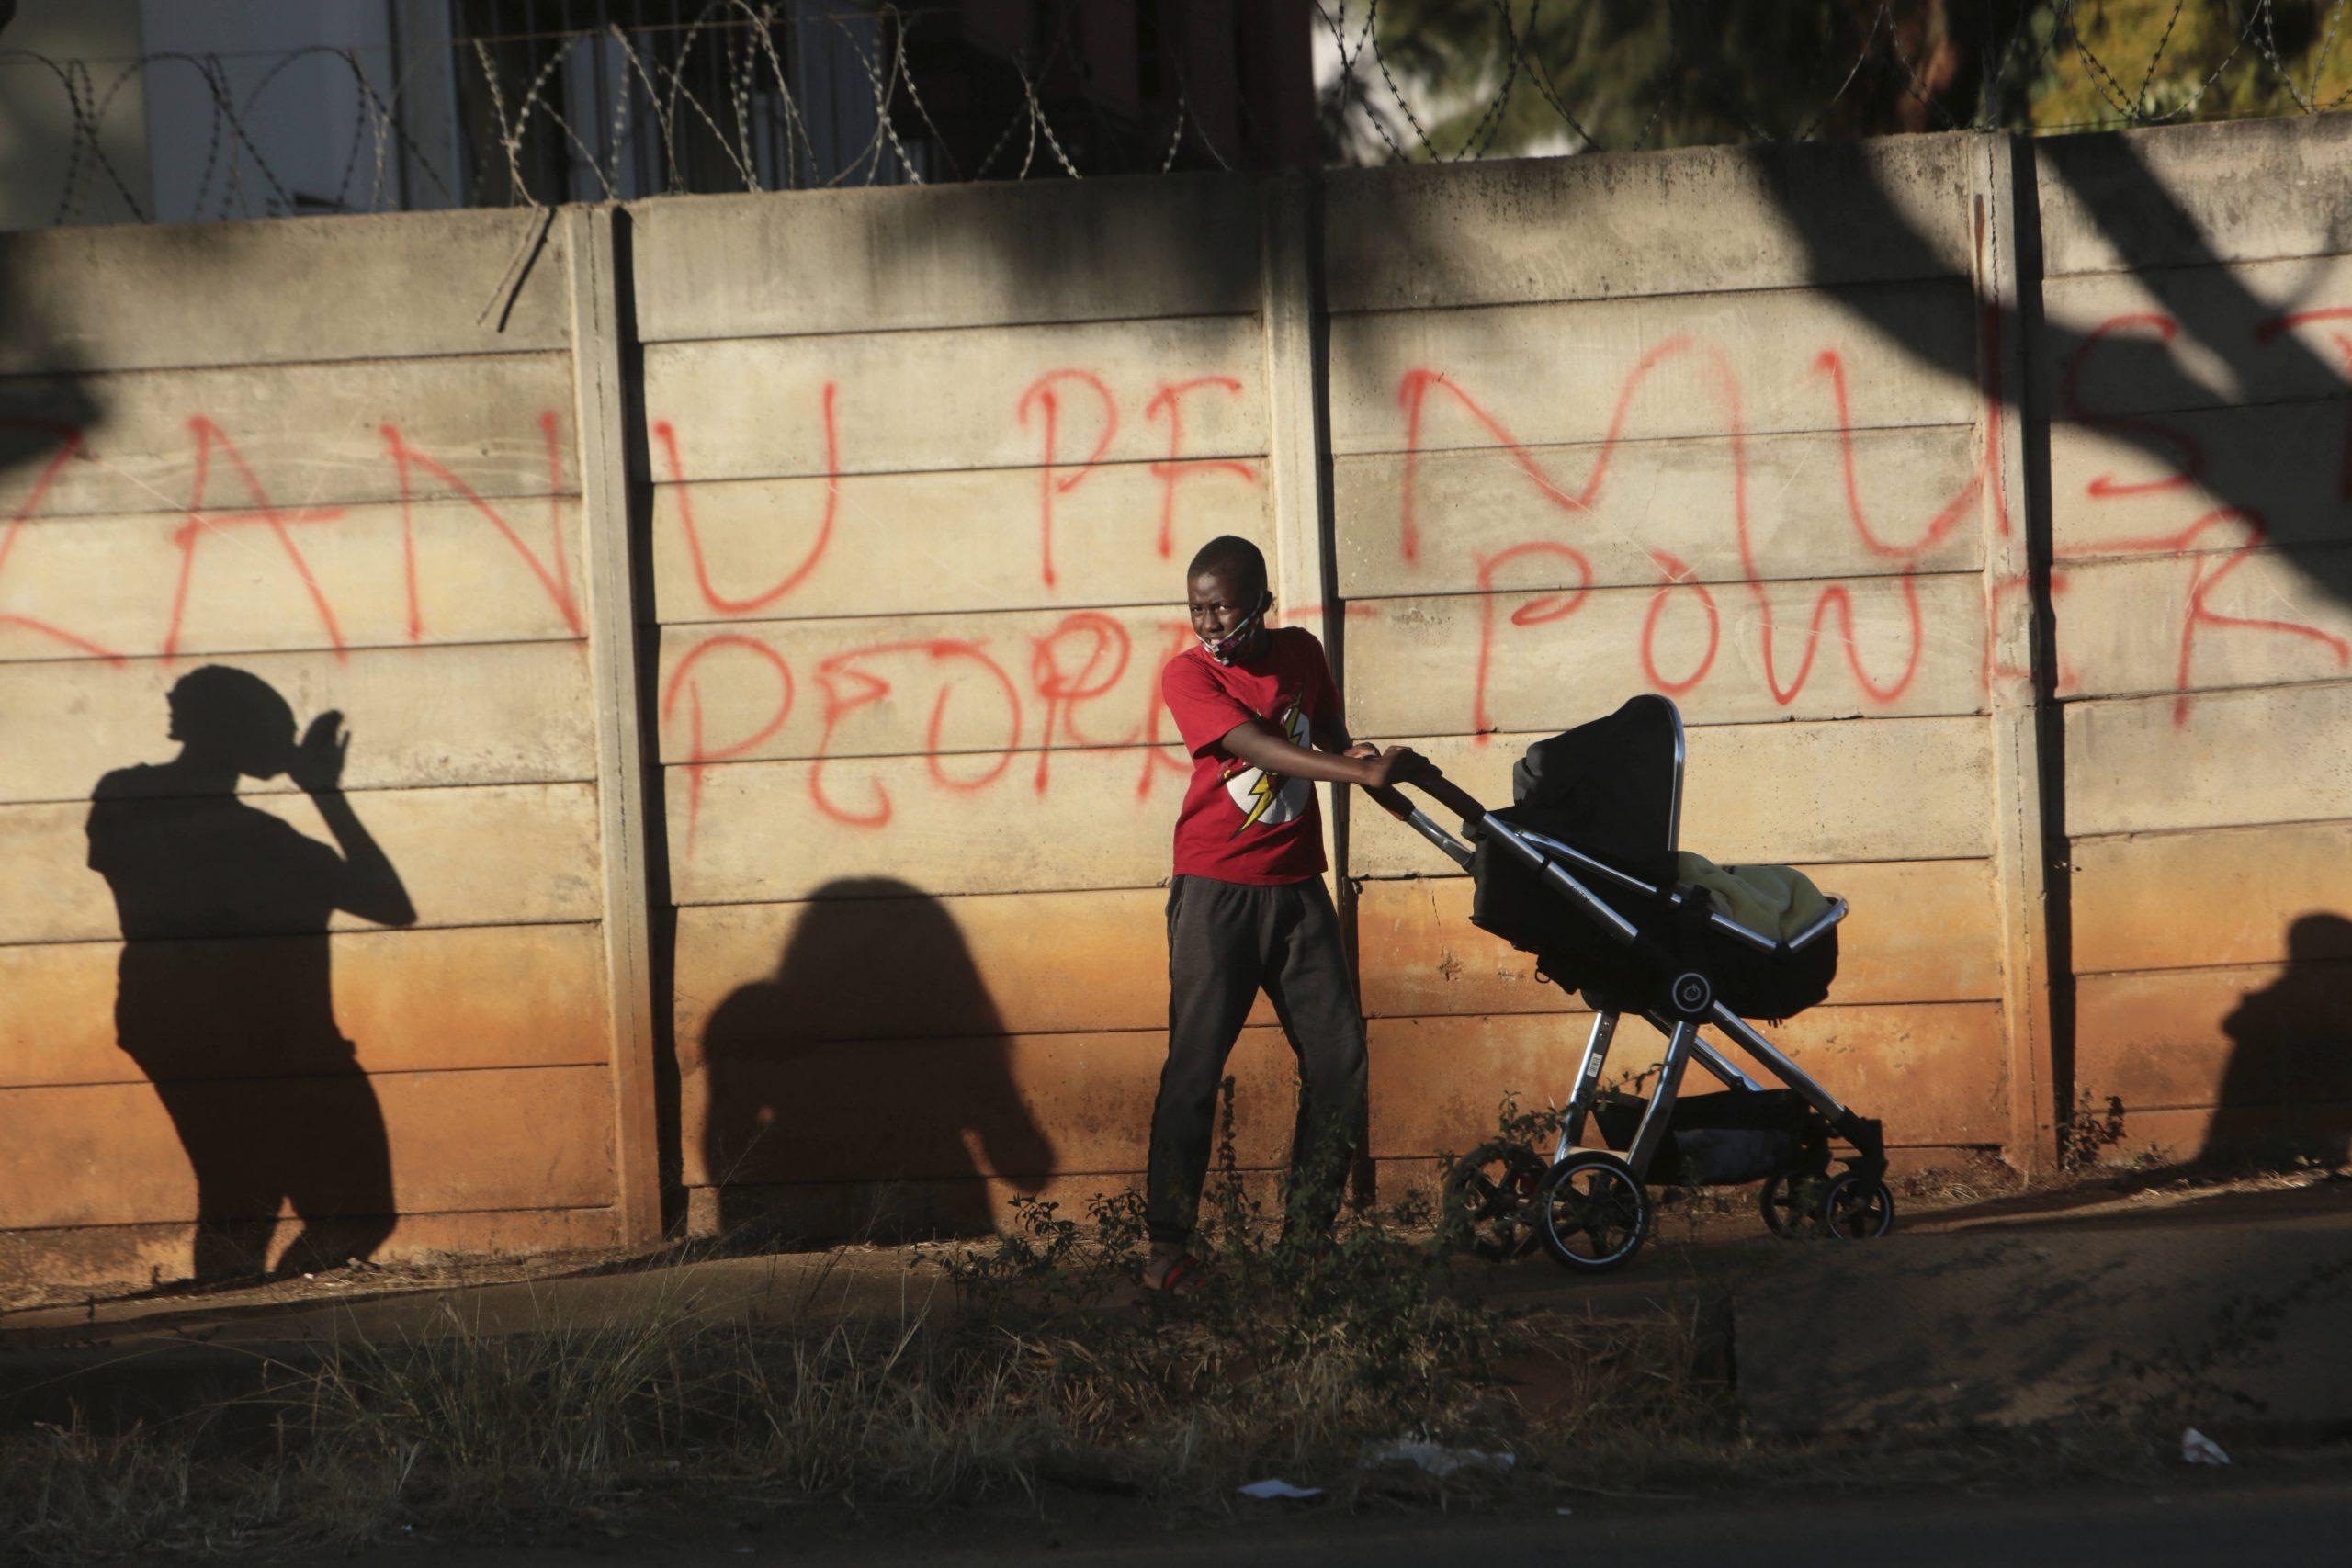 Un graffiti crtitiquant le ZANU-PF, à Harare en juin 2020.